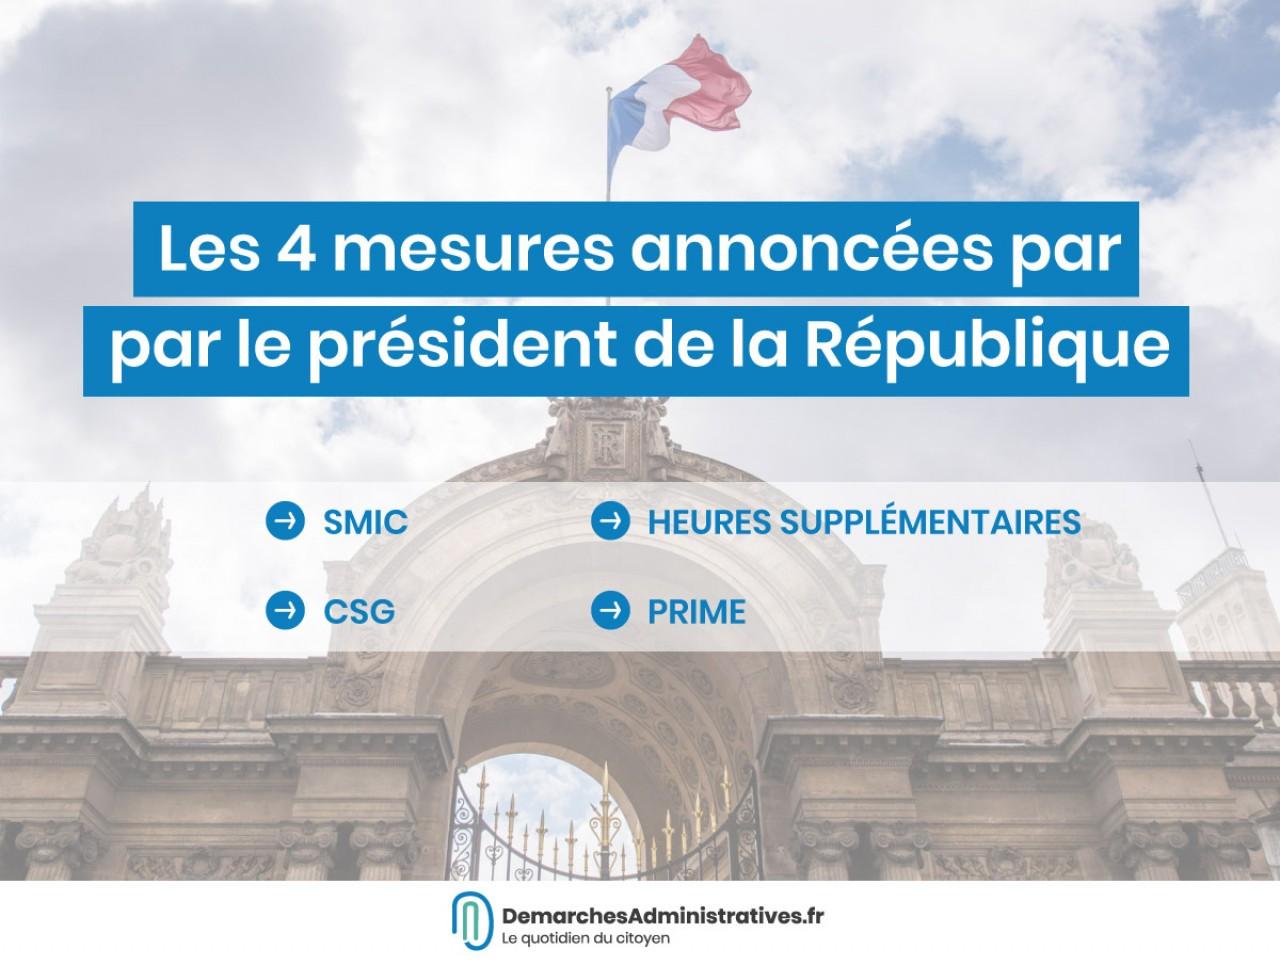 Les mesures sociales annoncées par Emmanuel Macron le 10 décembre